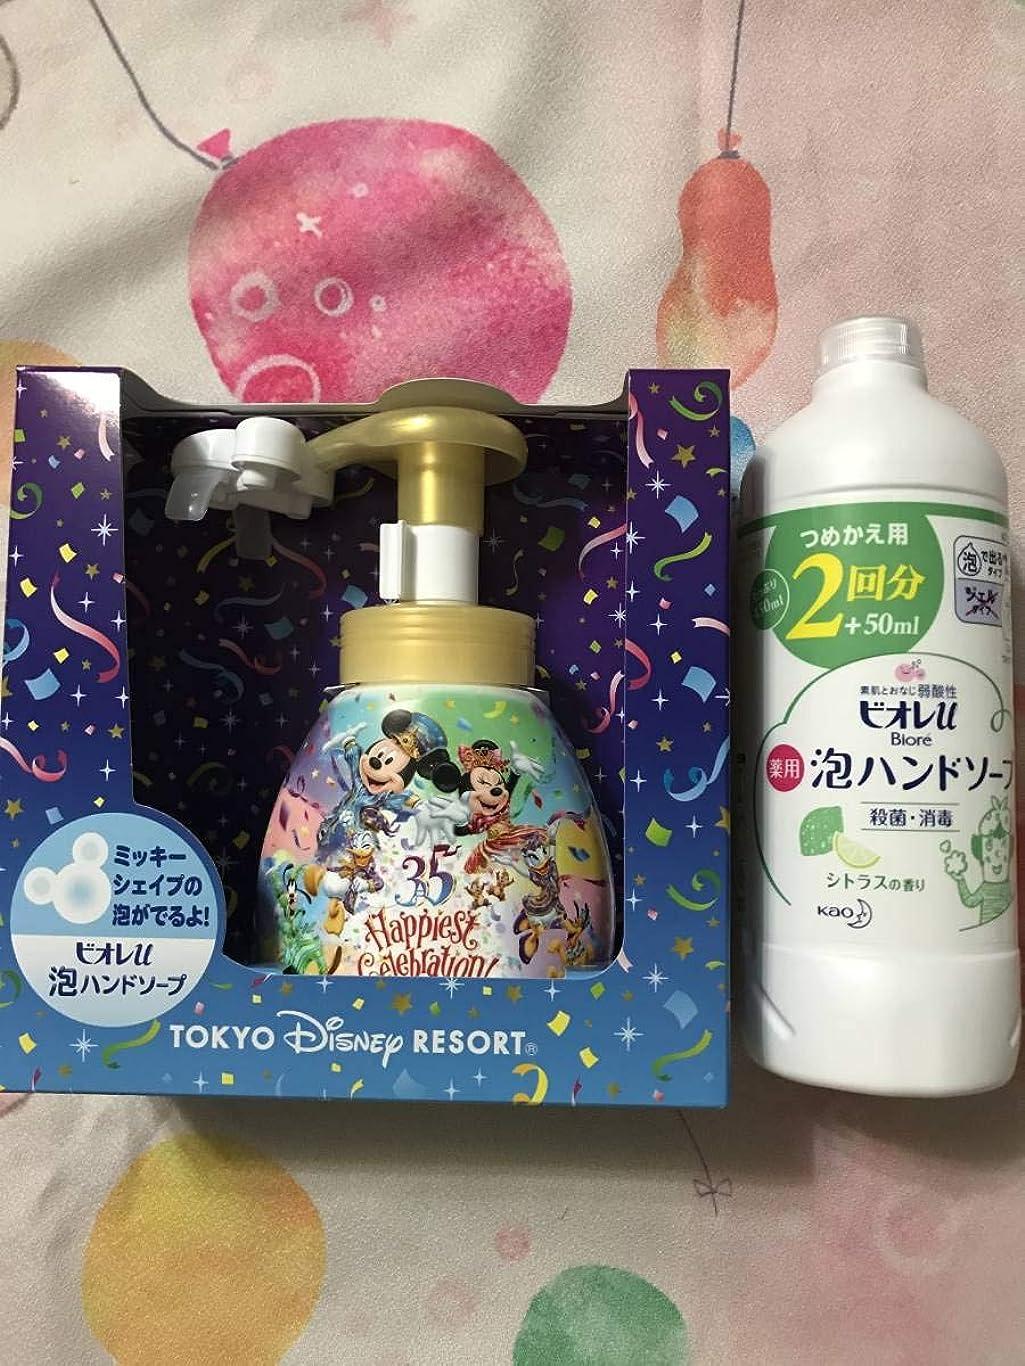 口壊滅的な収束ミッキー シェイプ ハンドソープ 東京ディズニーリゾート 35周年 記念 石鹸 ビオレU 詰め替え シトラスの香り付き